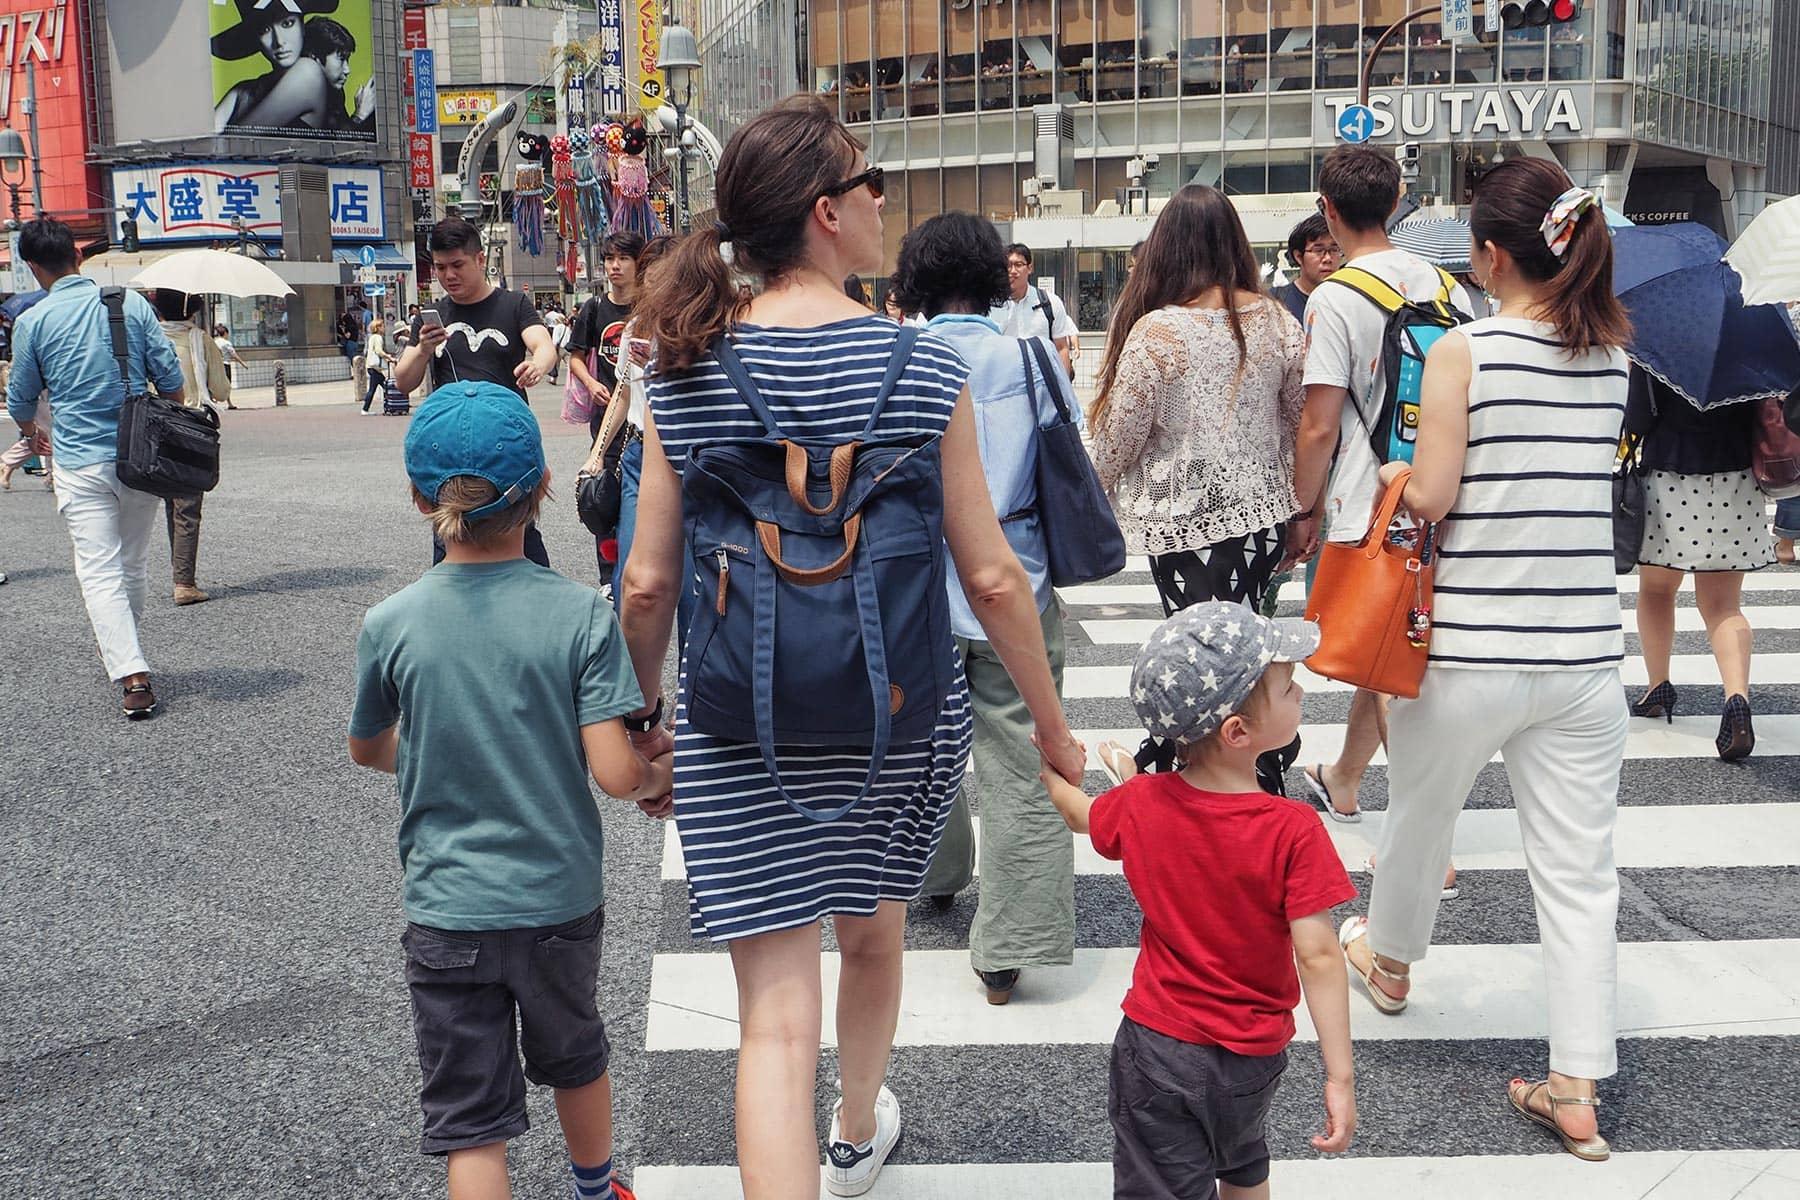 We love Tokyo